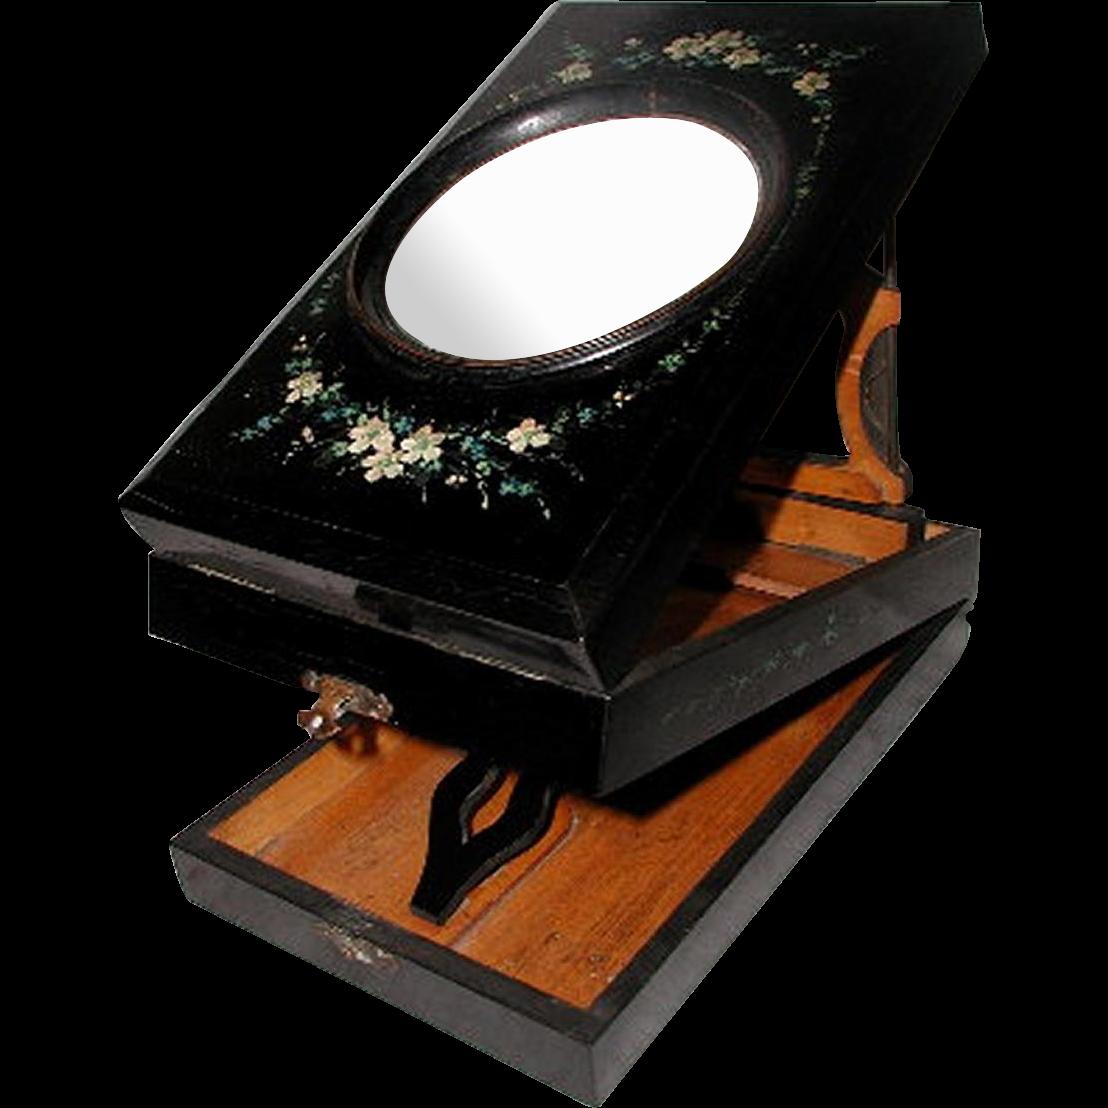 English Graphoscope Magnifier 19th C Papier Mache